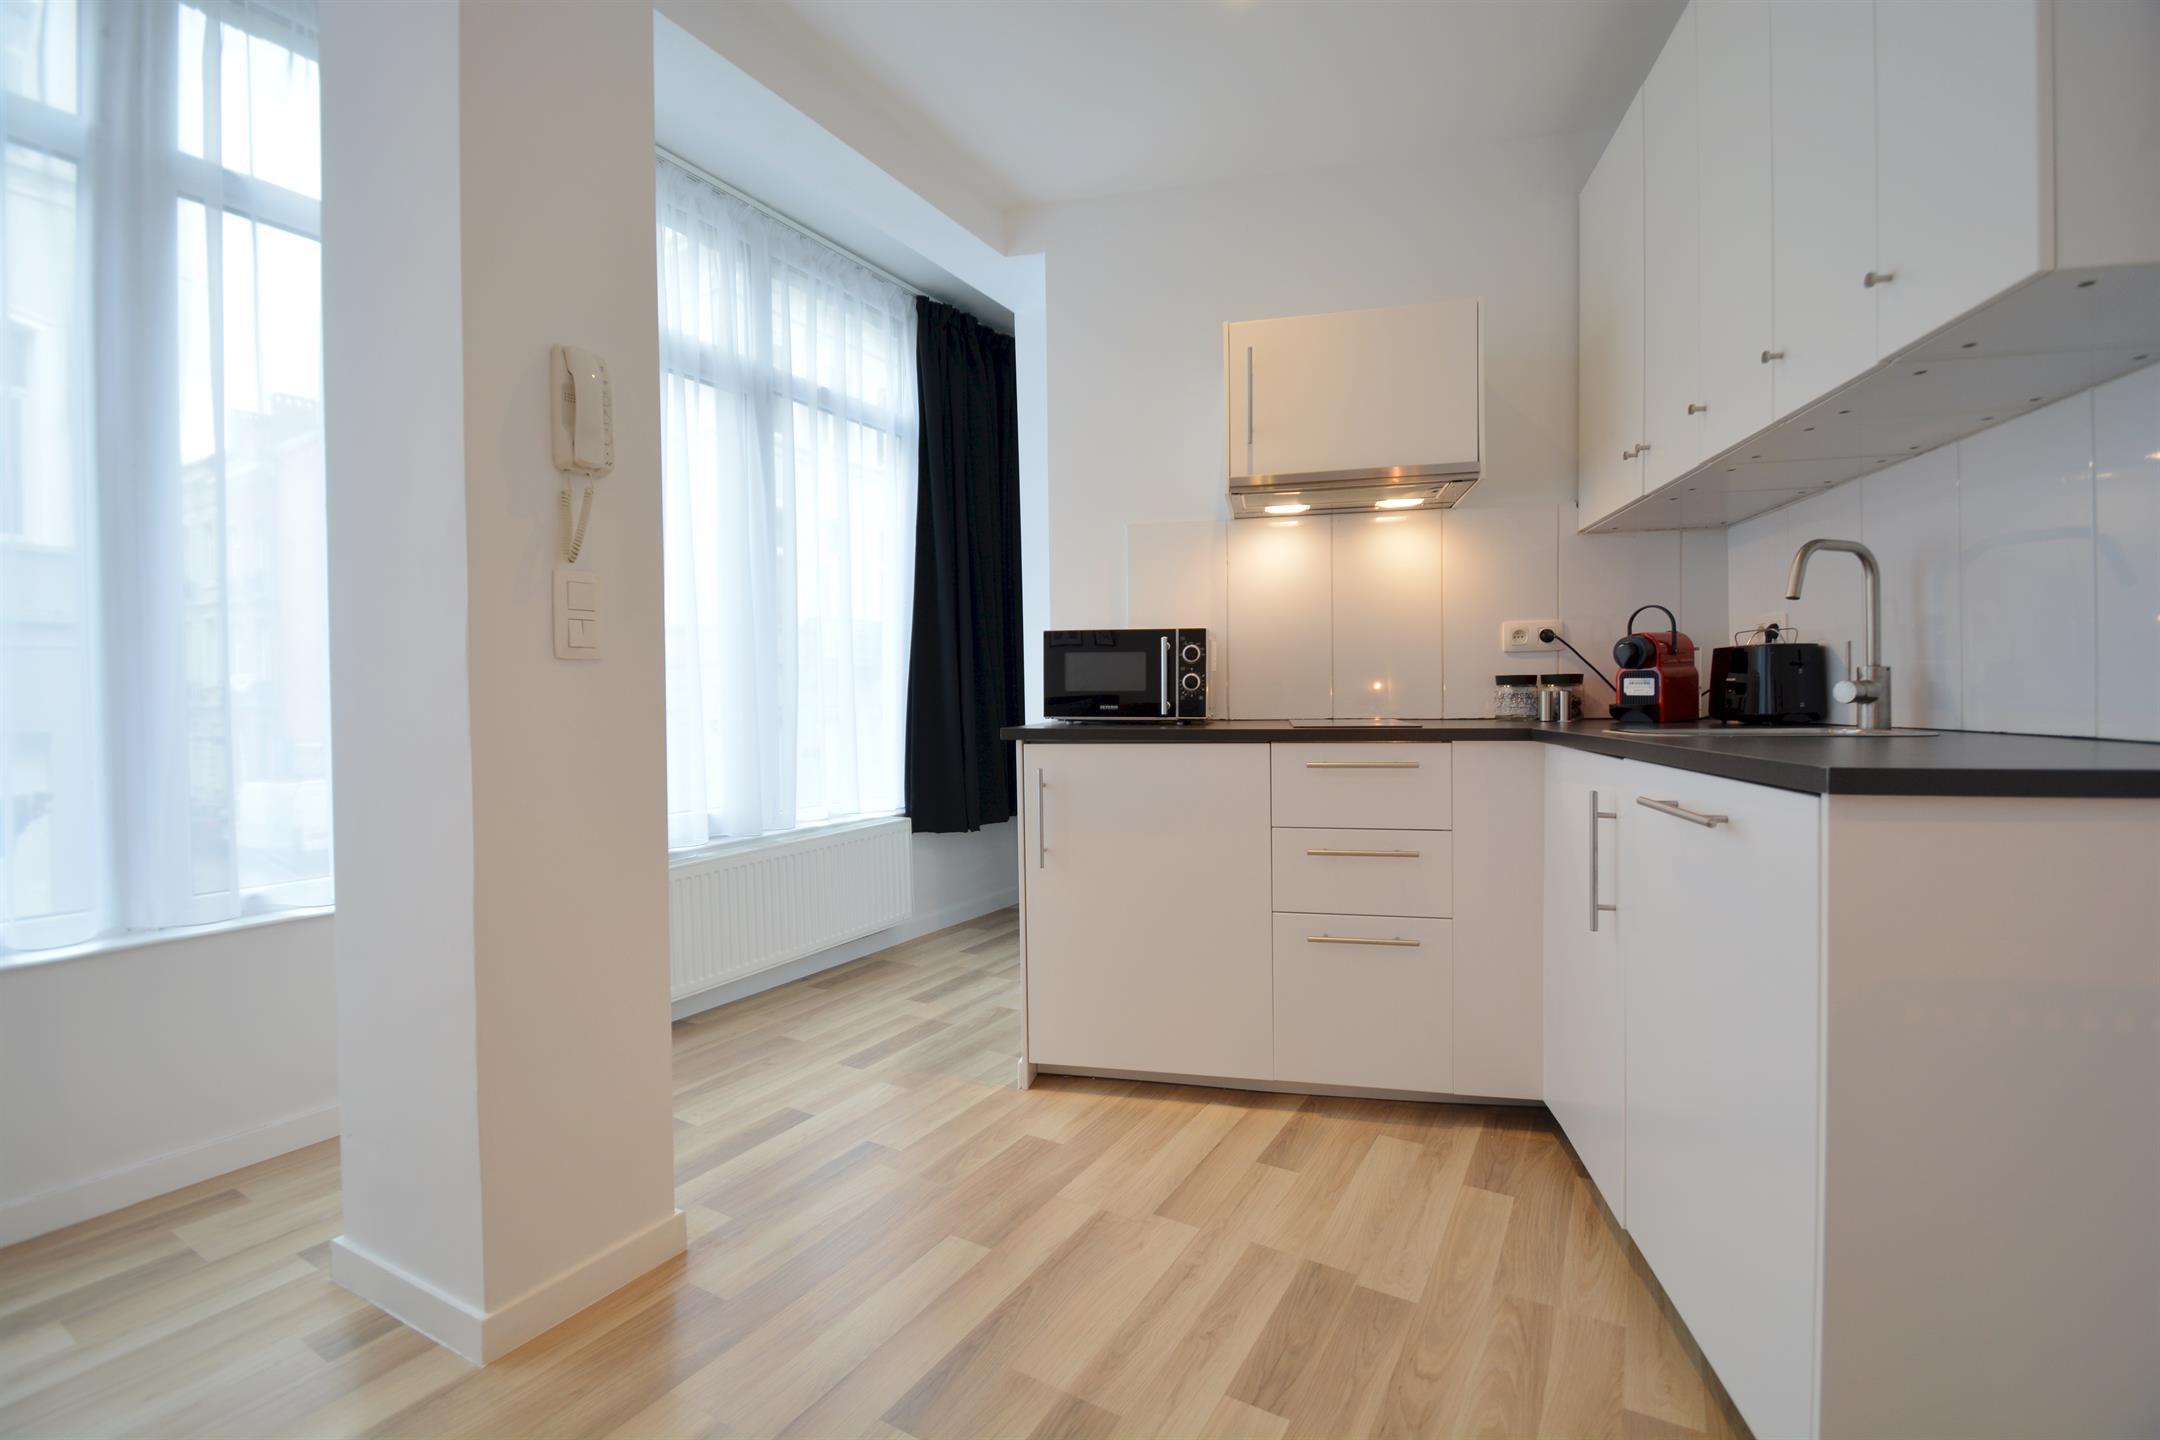 Appartement - Saint-Josse-ten-Noode - #4035286-3